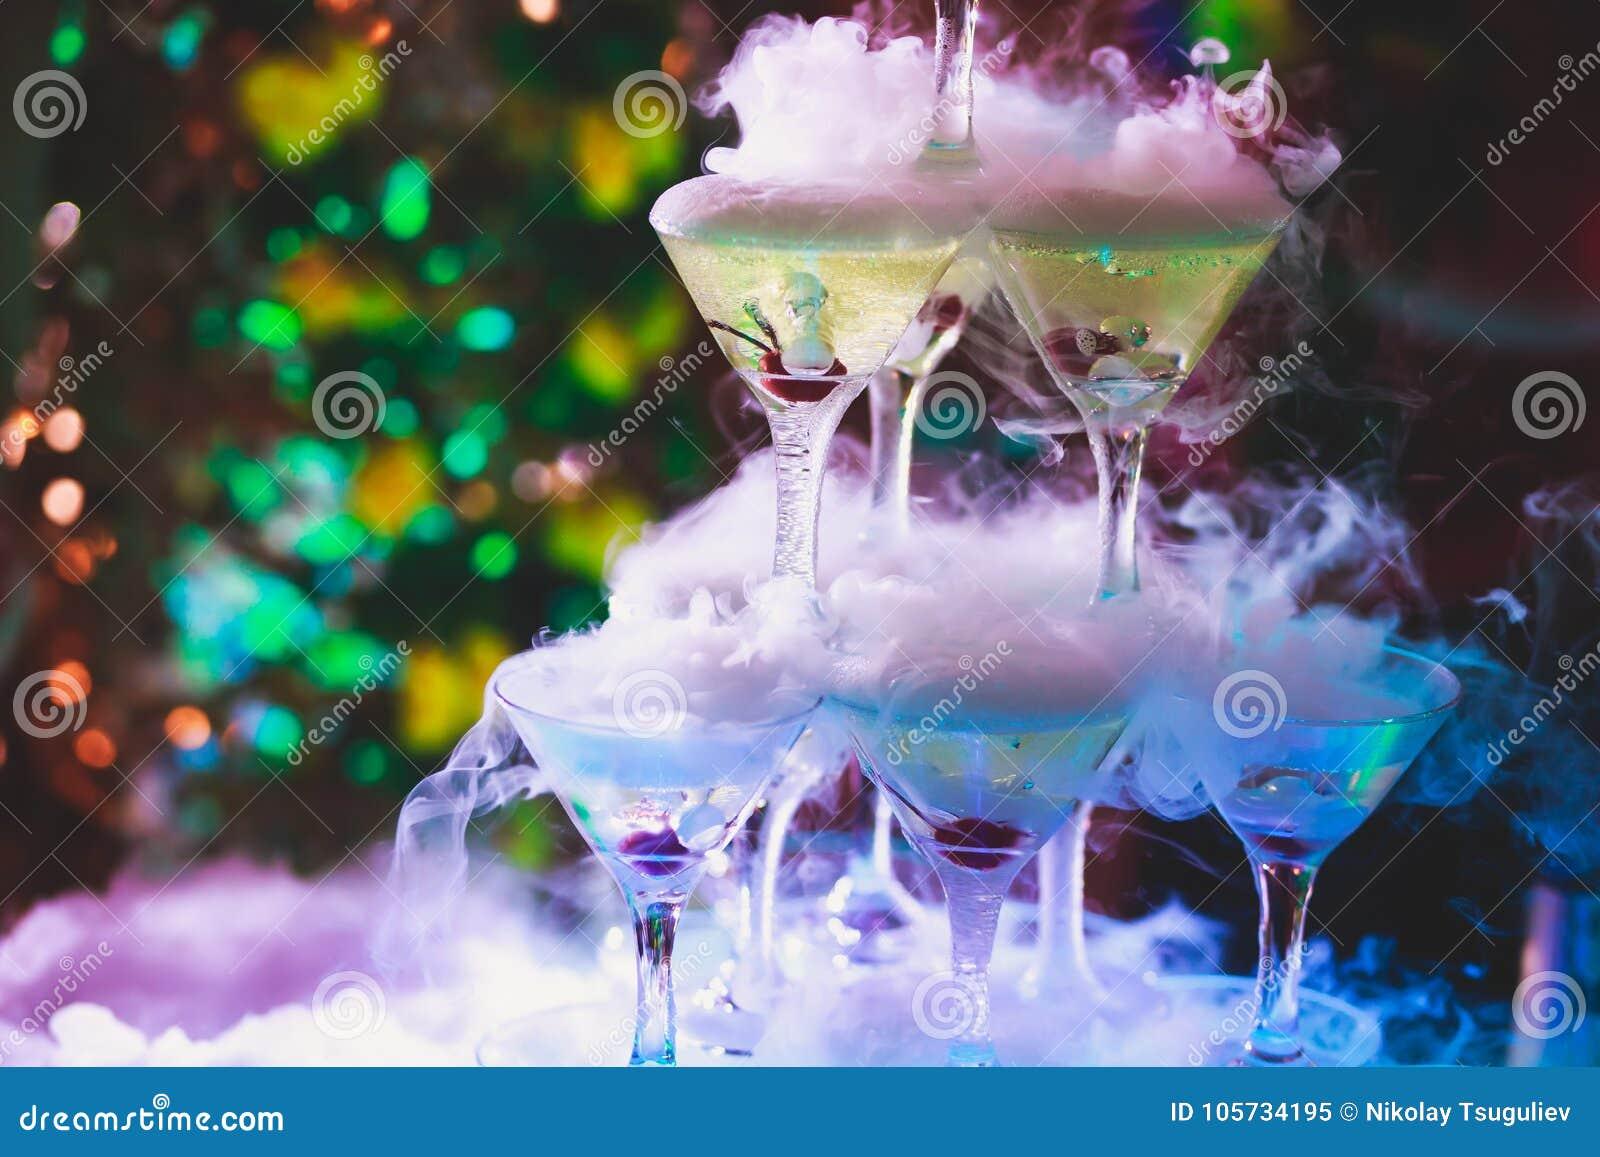 Όμορφη γραμμή πυραμίδων διαφορετικών χρωματισμένων κοκτέιλ οινοπνεύματος με τη μέντα στη γιορτή Χριστουγέννων, το tequila, martin